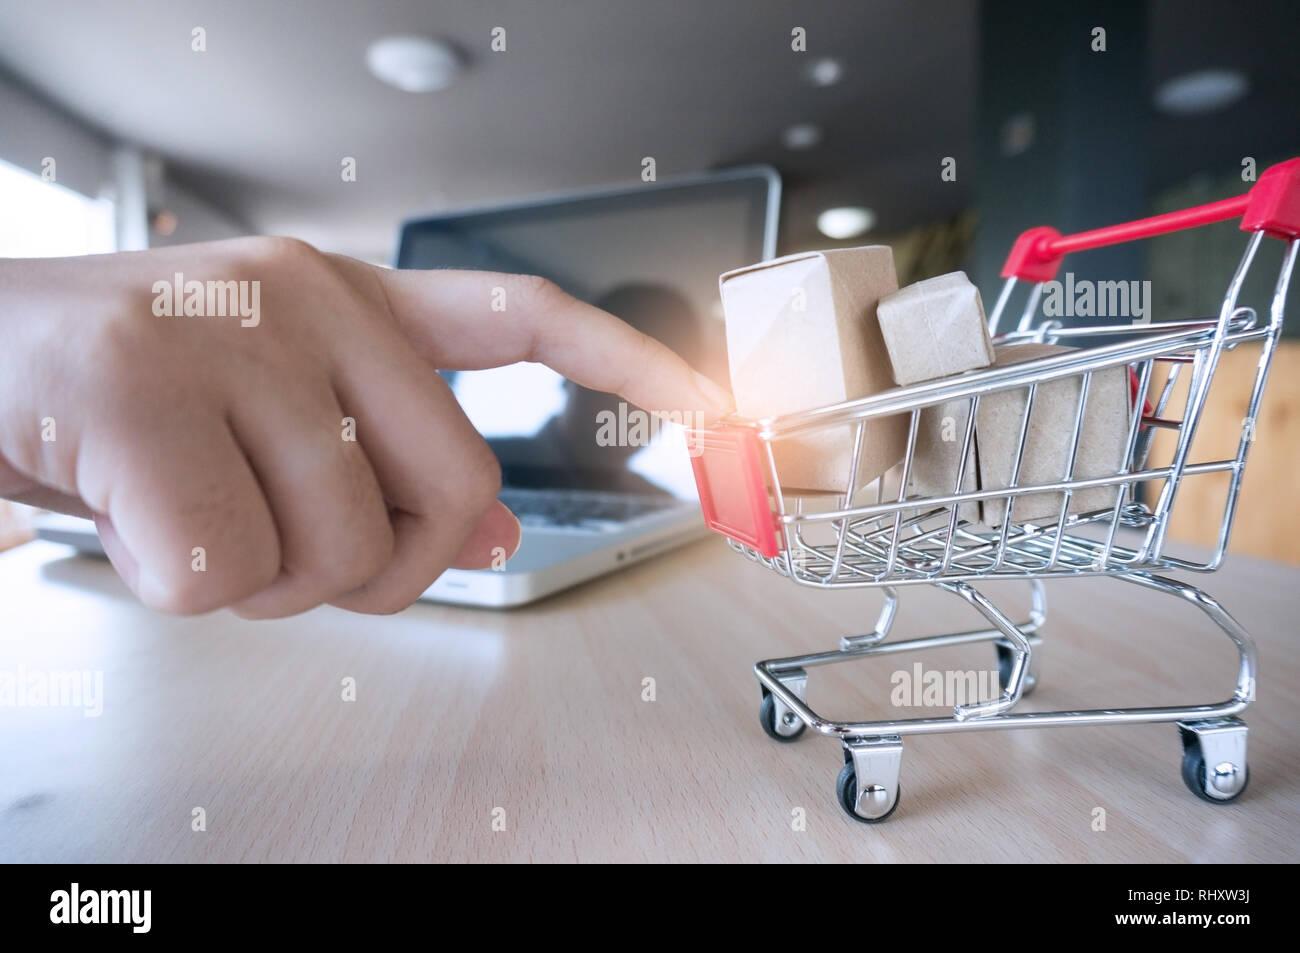 2c61f671a9e44c Frau Zeigefinger drücken klein Warenkorb mit Internet online shopping  Konzept